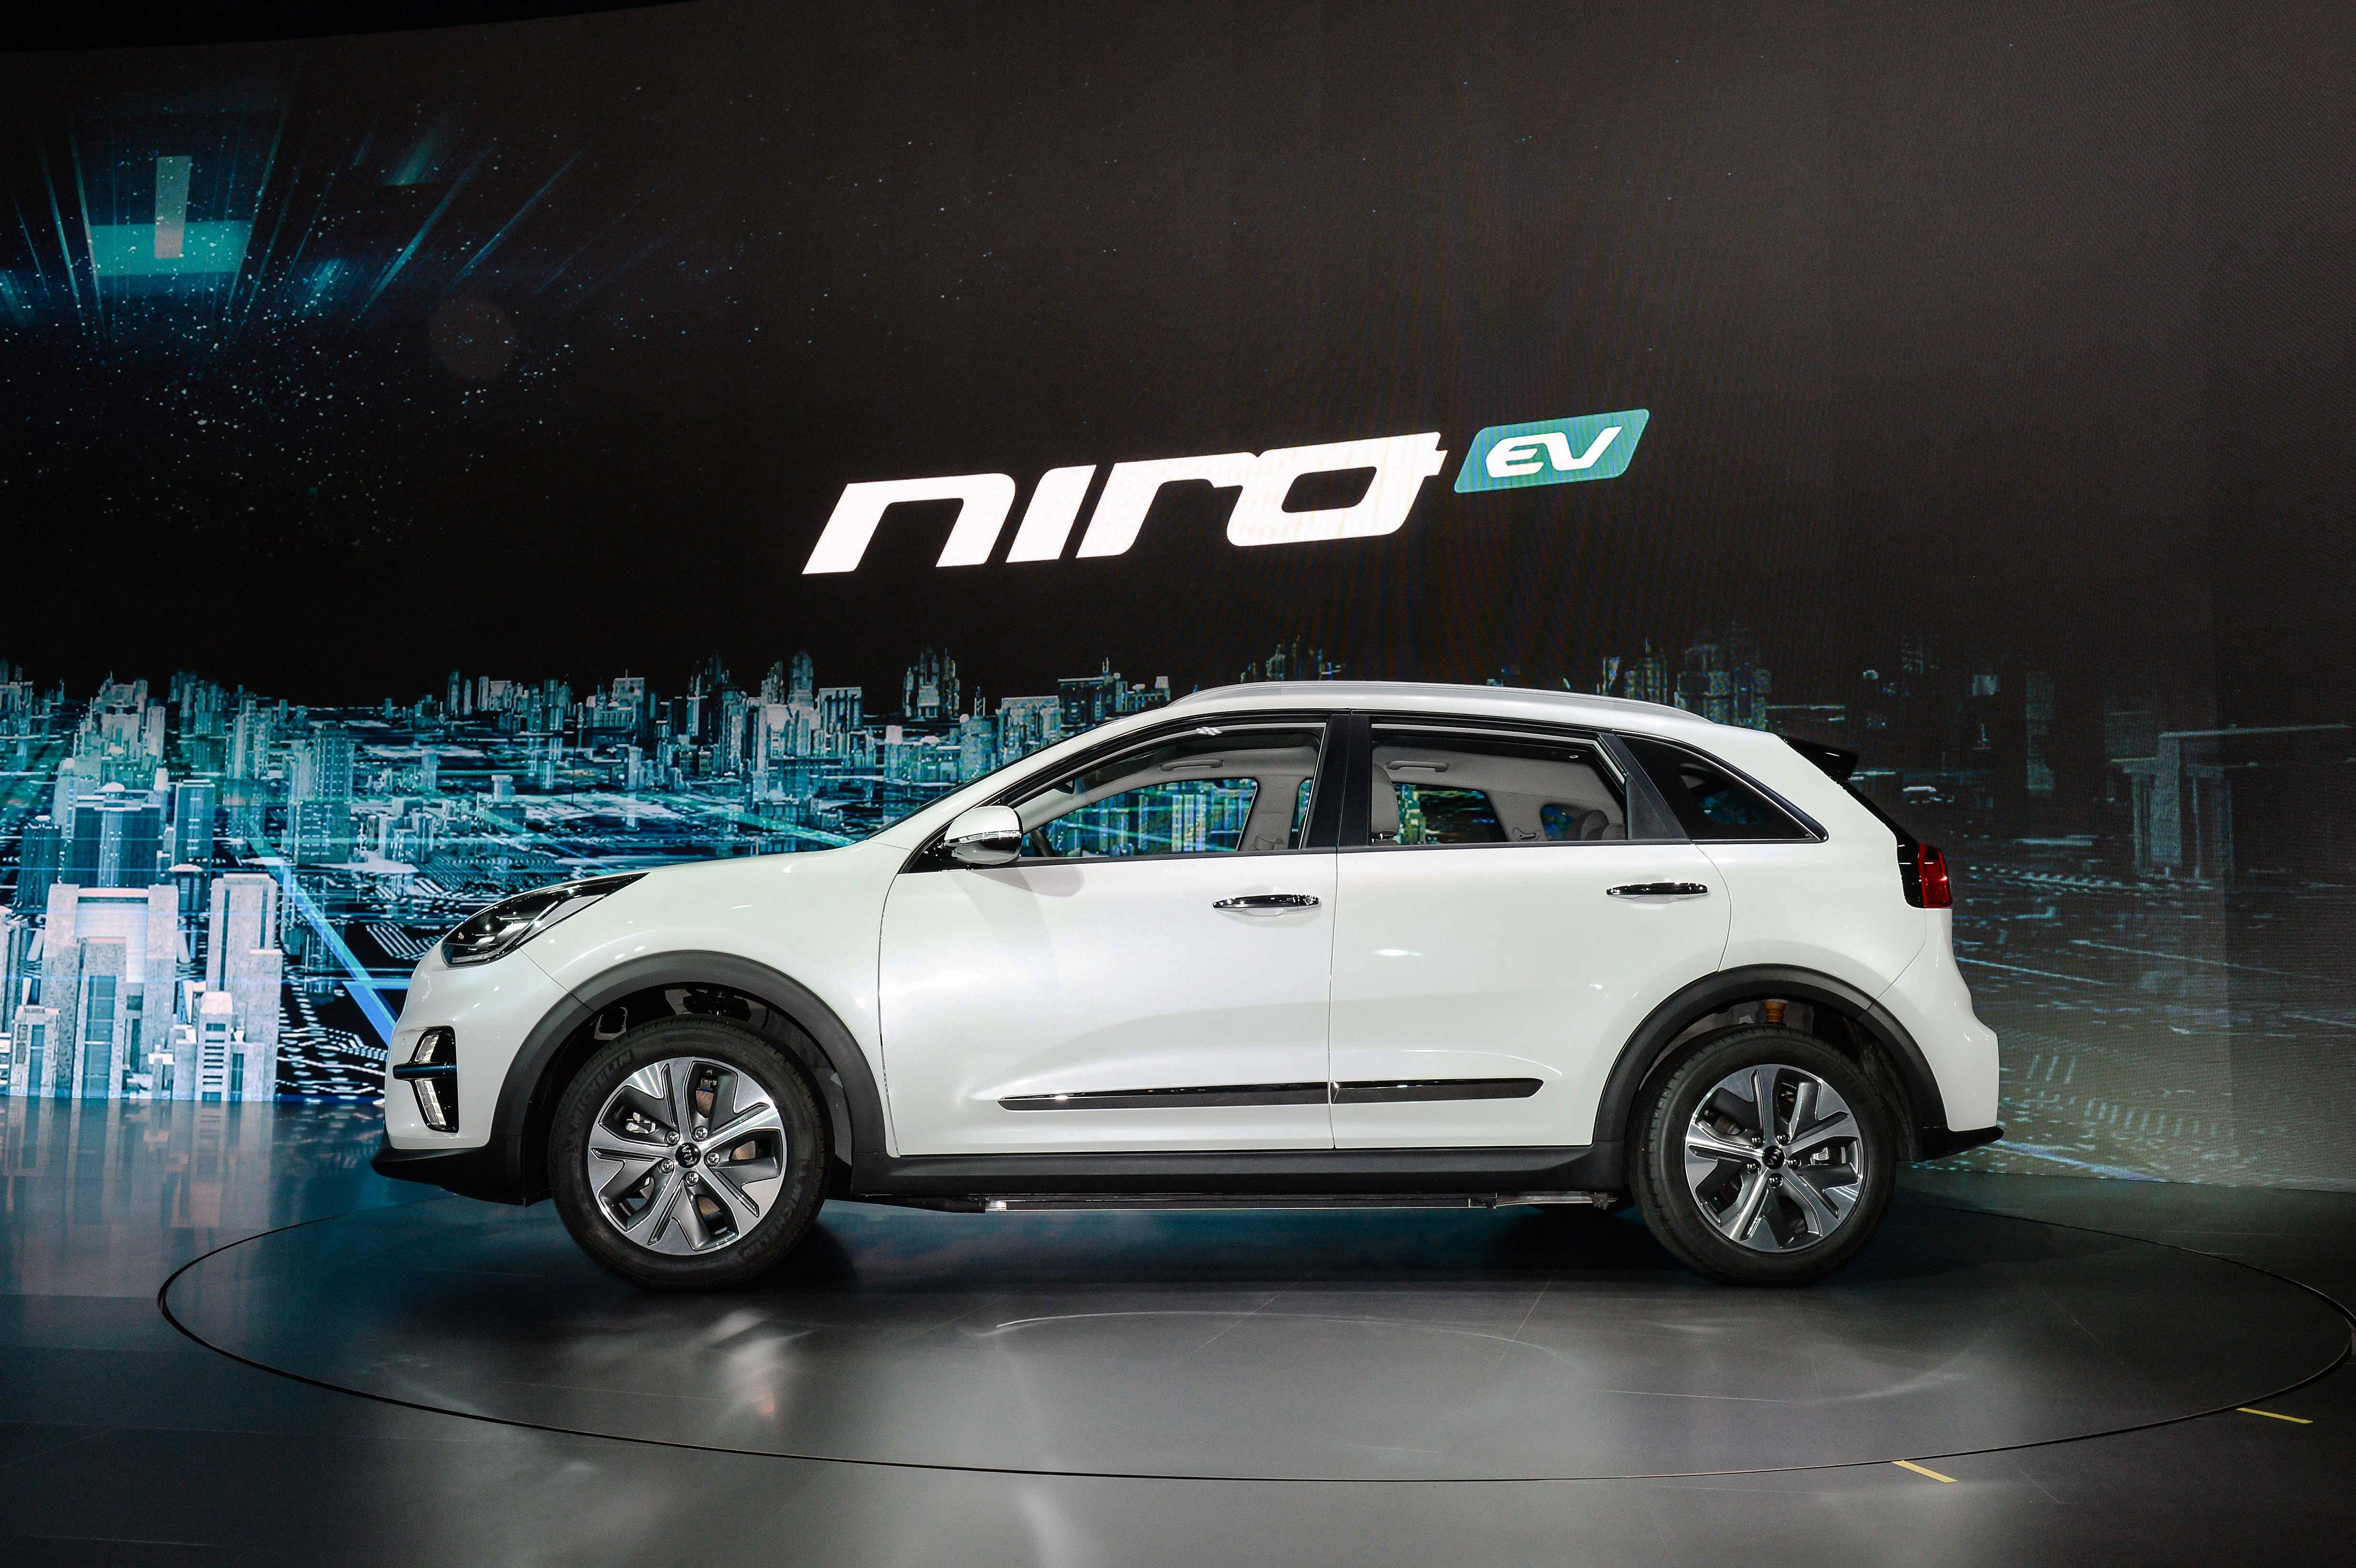 Crossover Kia NIRO EV, E-Mobilität mit wenig Kompromissen! » Kia Niro EV Busan Motorshow 2